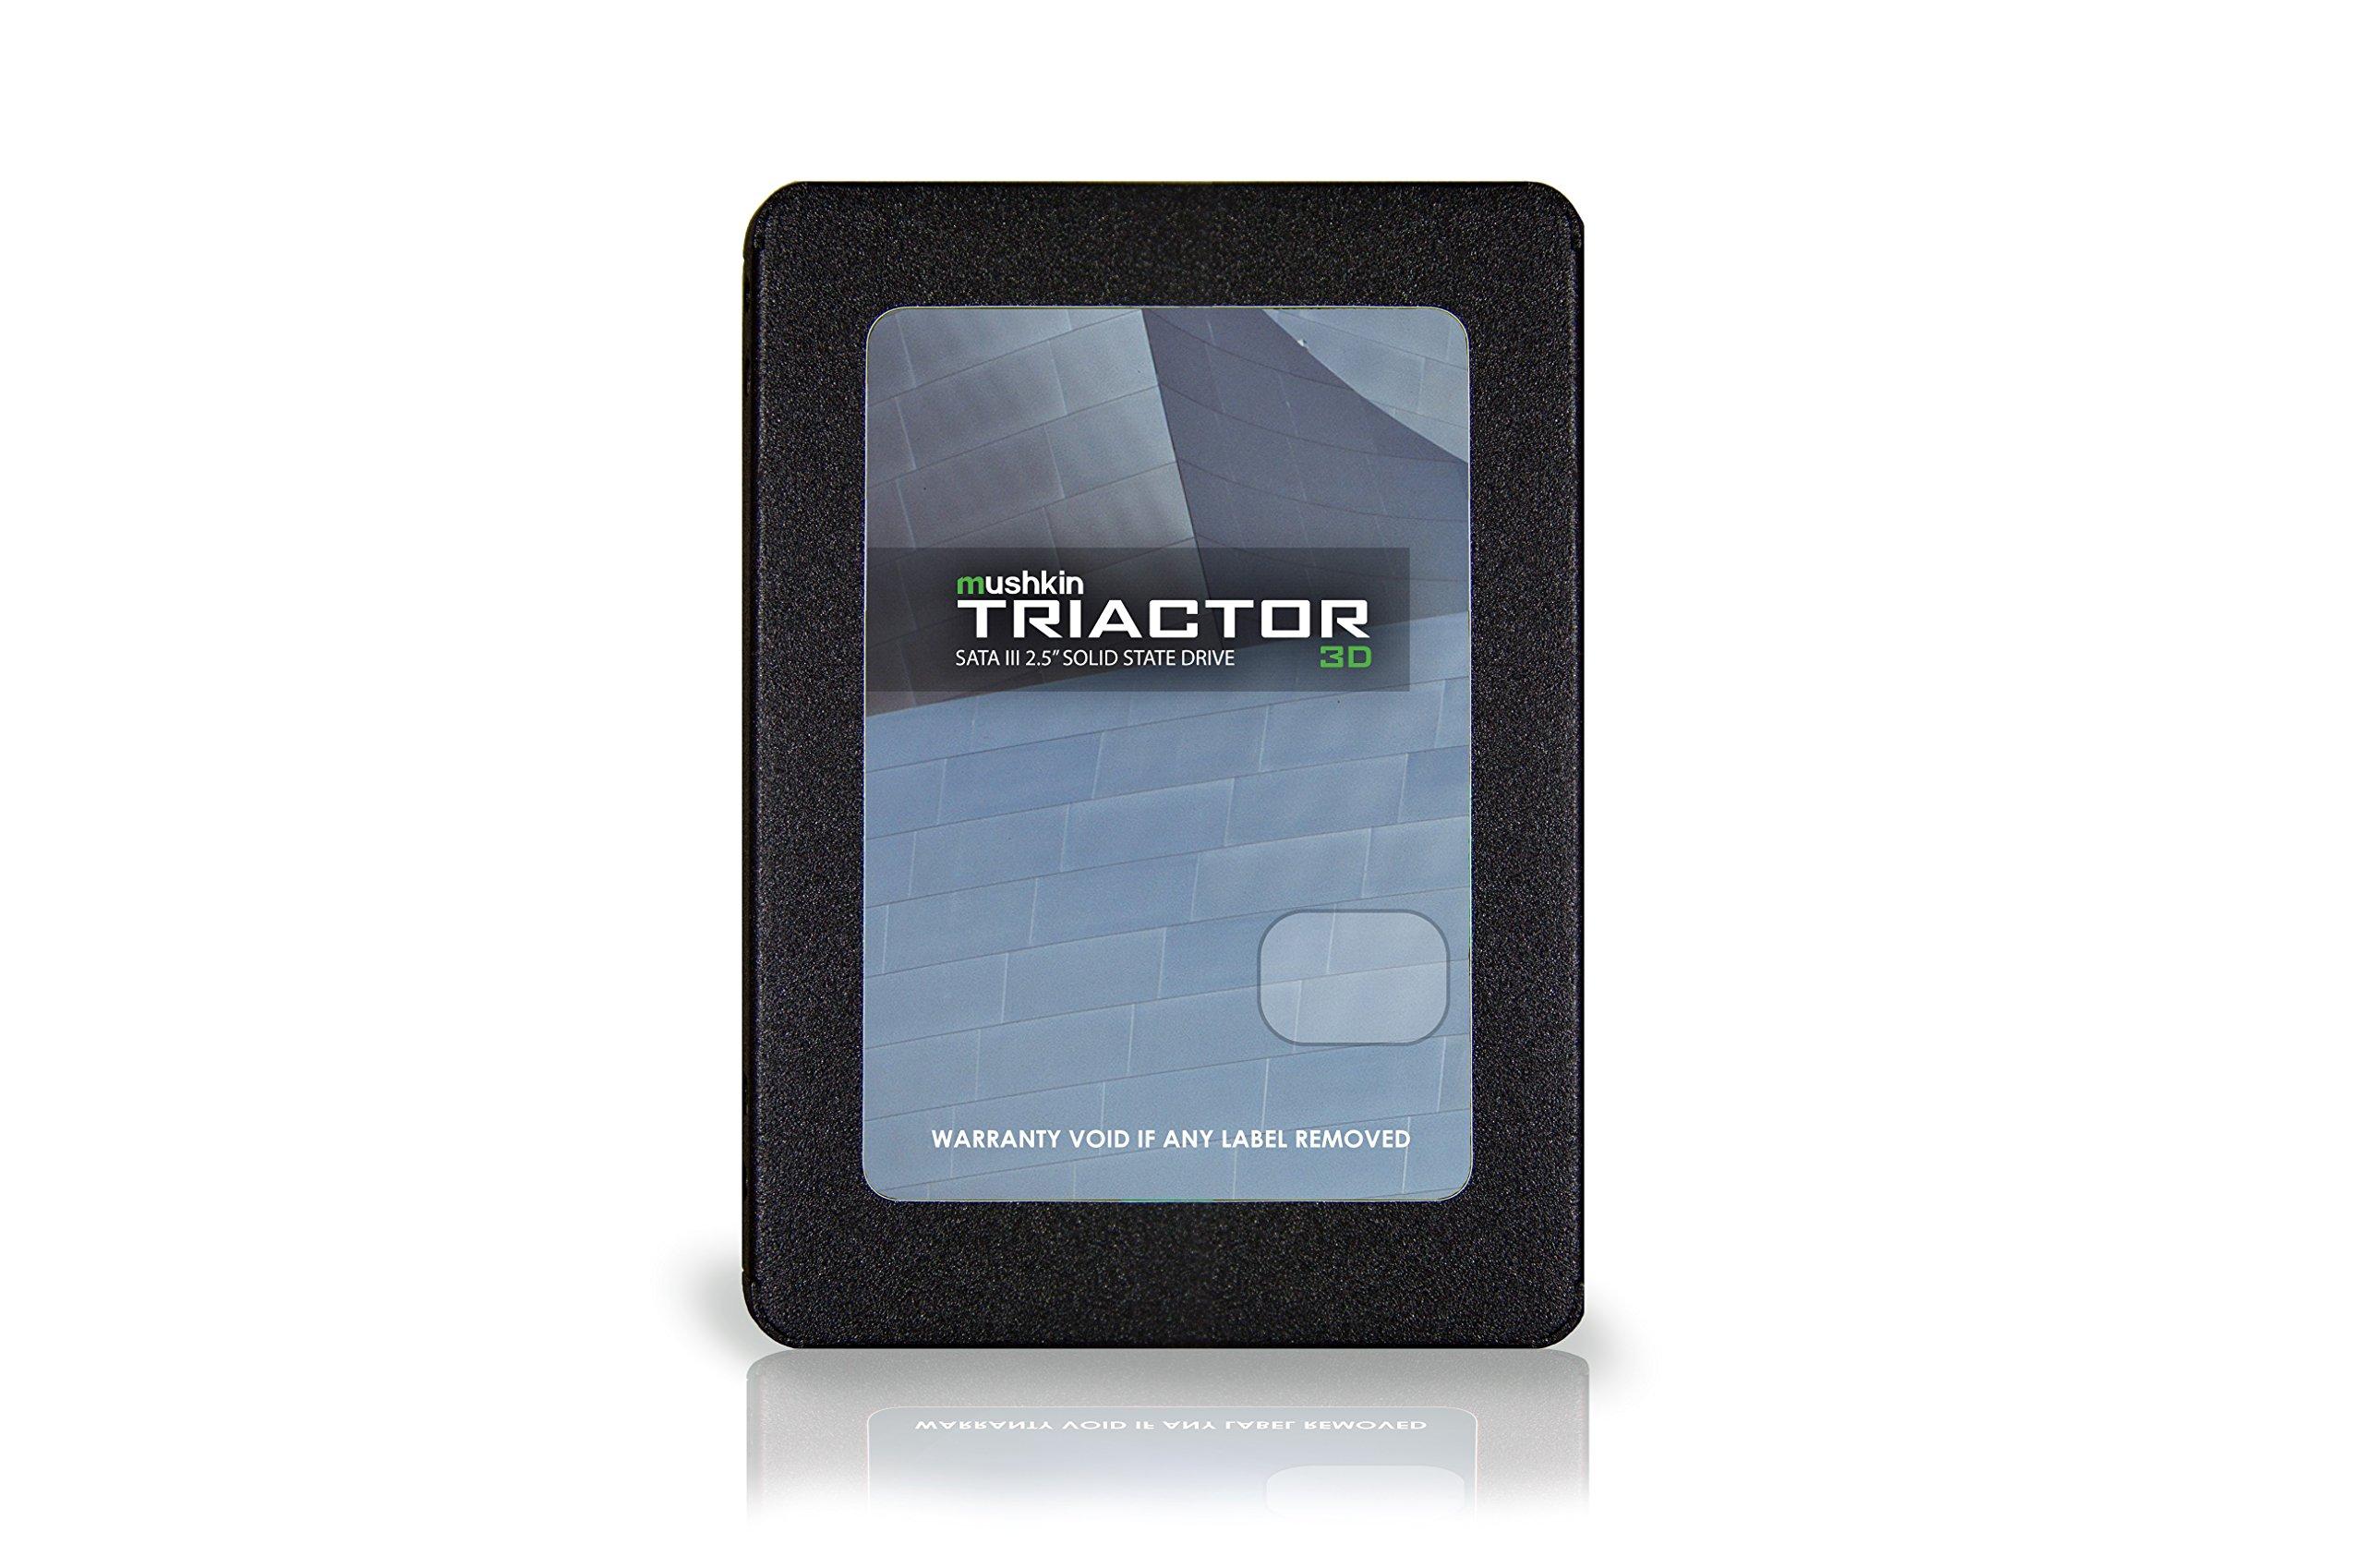 Mushkin TRIACTOR-3DL - 500GB Internal Solid State Drive (SSD) - 2.5 Inch - SATA III - 6Gb/s - 3D Vertical TLC - 7mm (MKNSSDTR500GB-3DL)